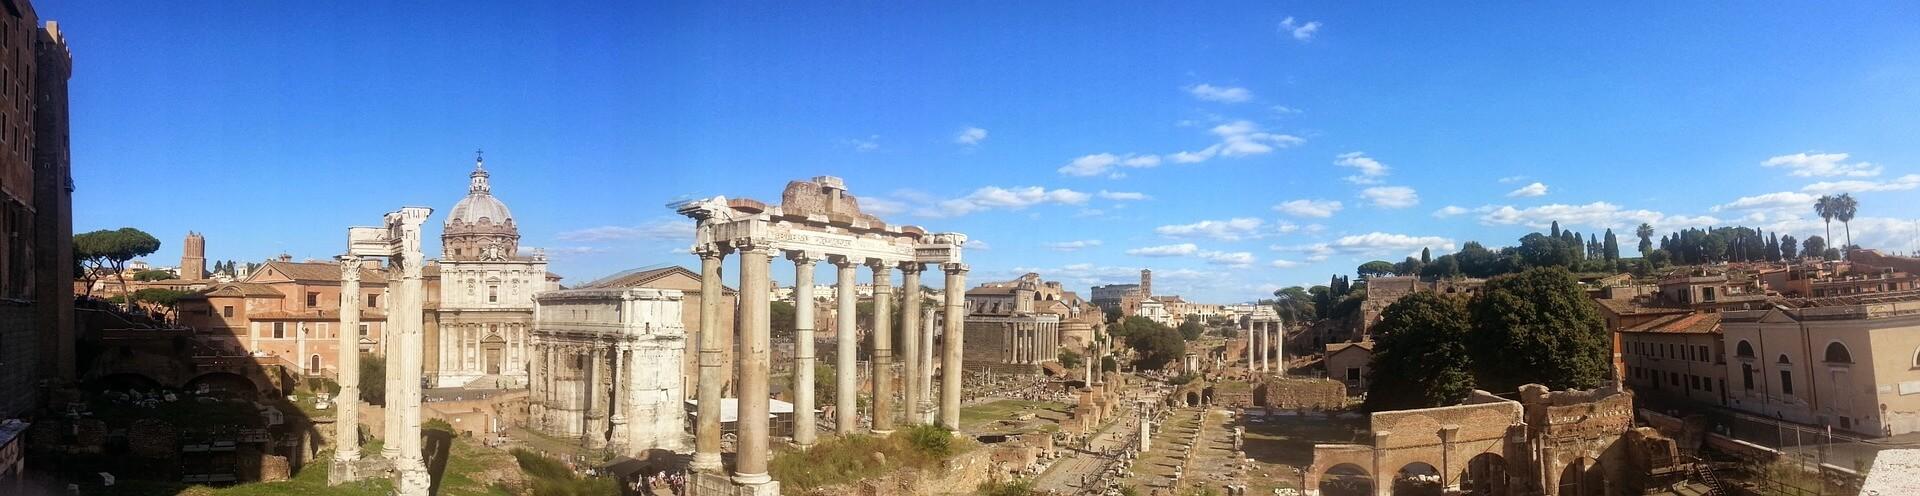 Riportiamo quelli che per noi sono fatti rilevanti, specialmente perchè non interessano i più grandi mezzi di comunicazione di Roma Capitale.